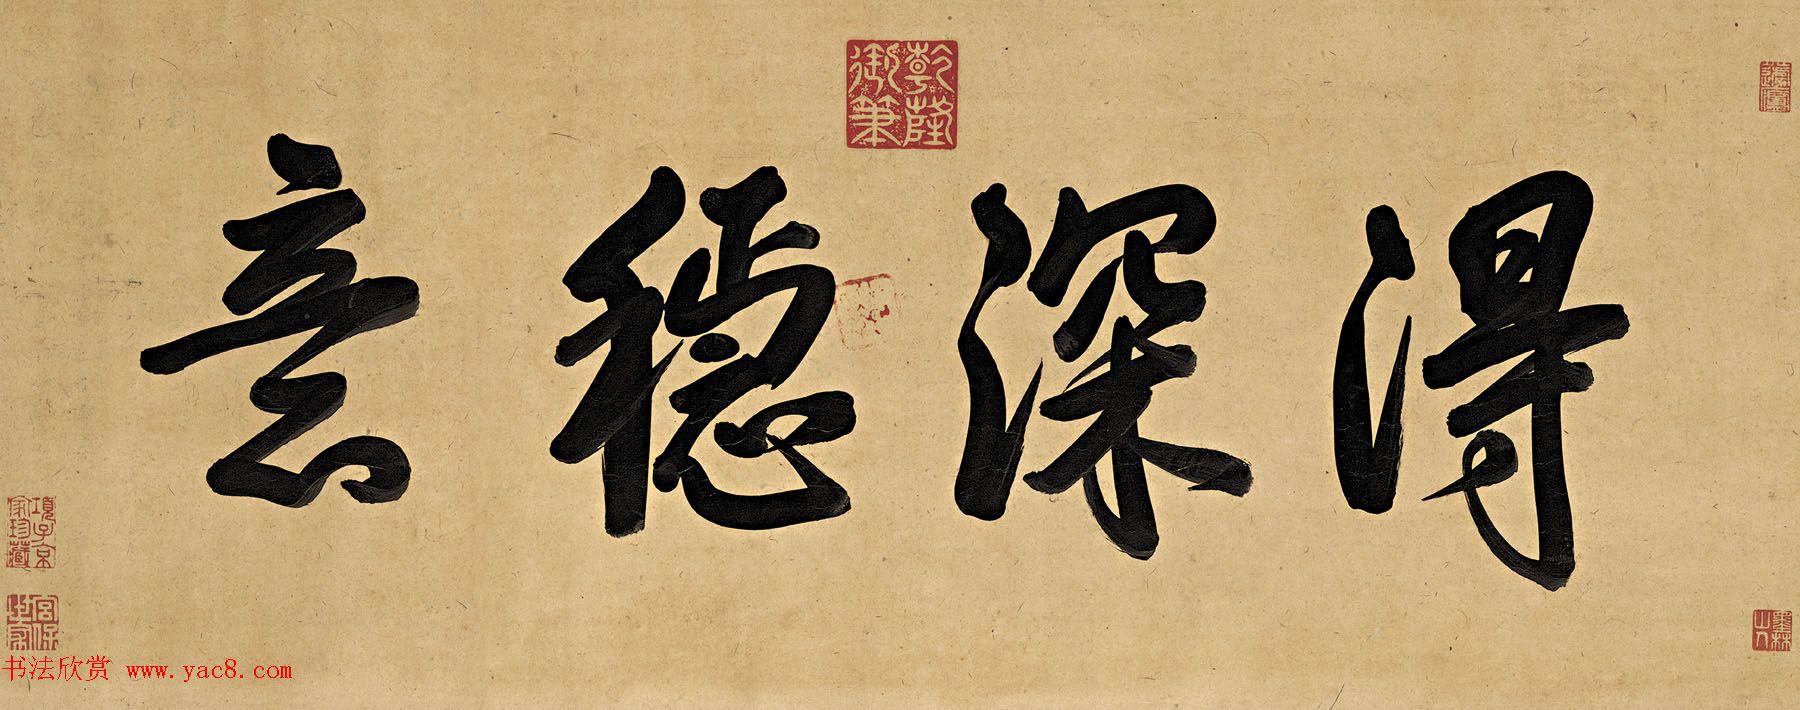 赵孟頫书法字画欣赏《人骑图》